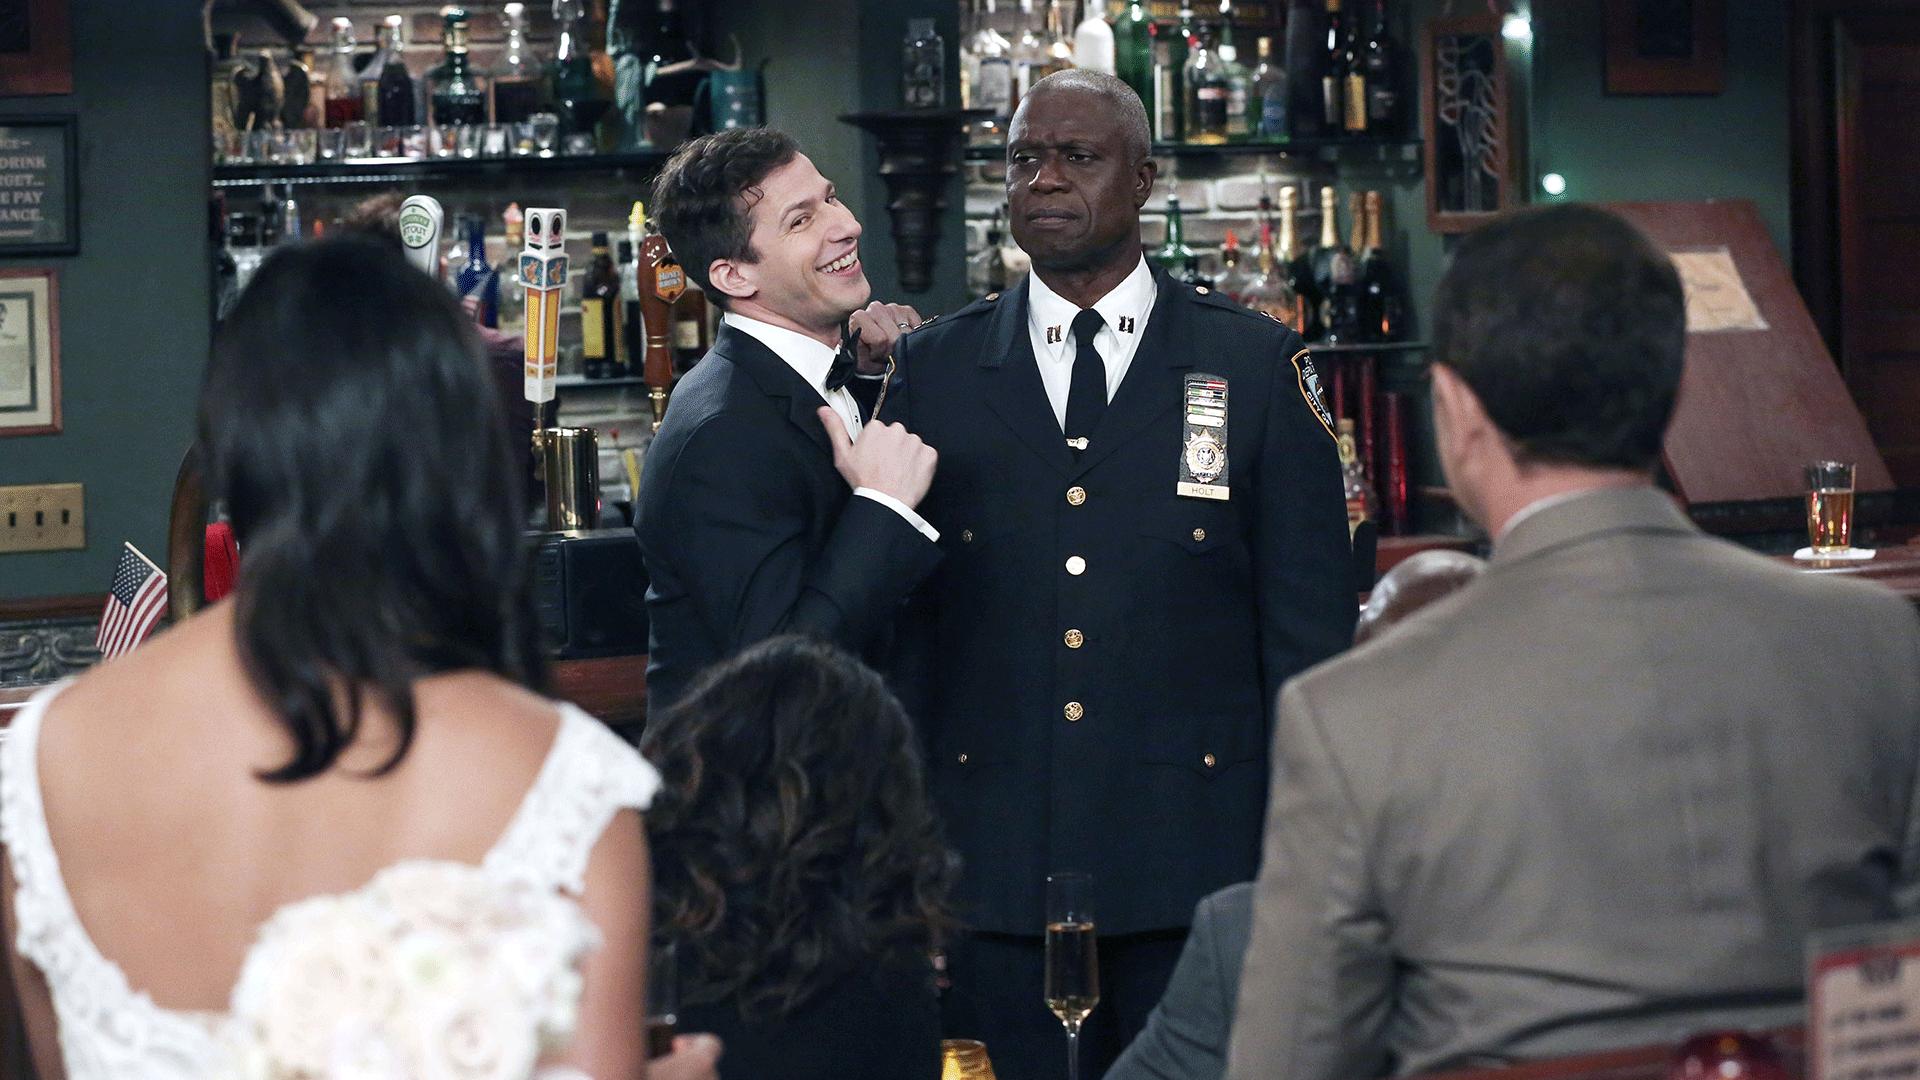 Brooklyn Nine-Nine : enfin une date pour la saison 6 !